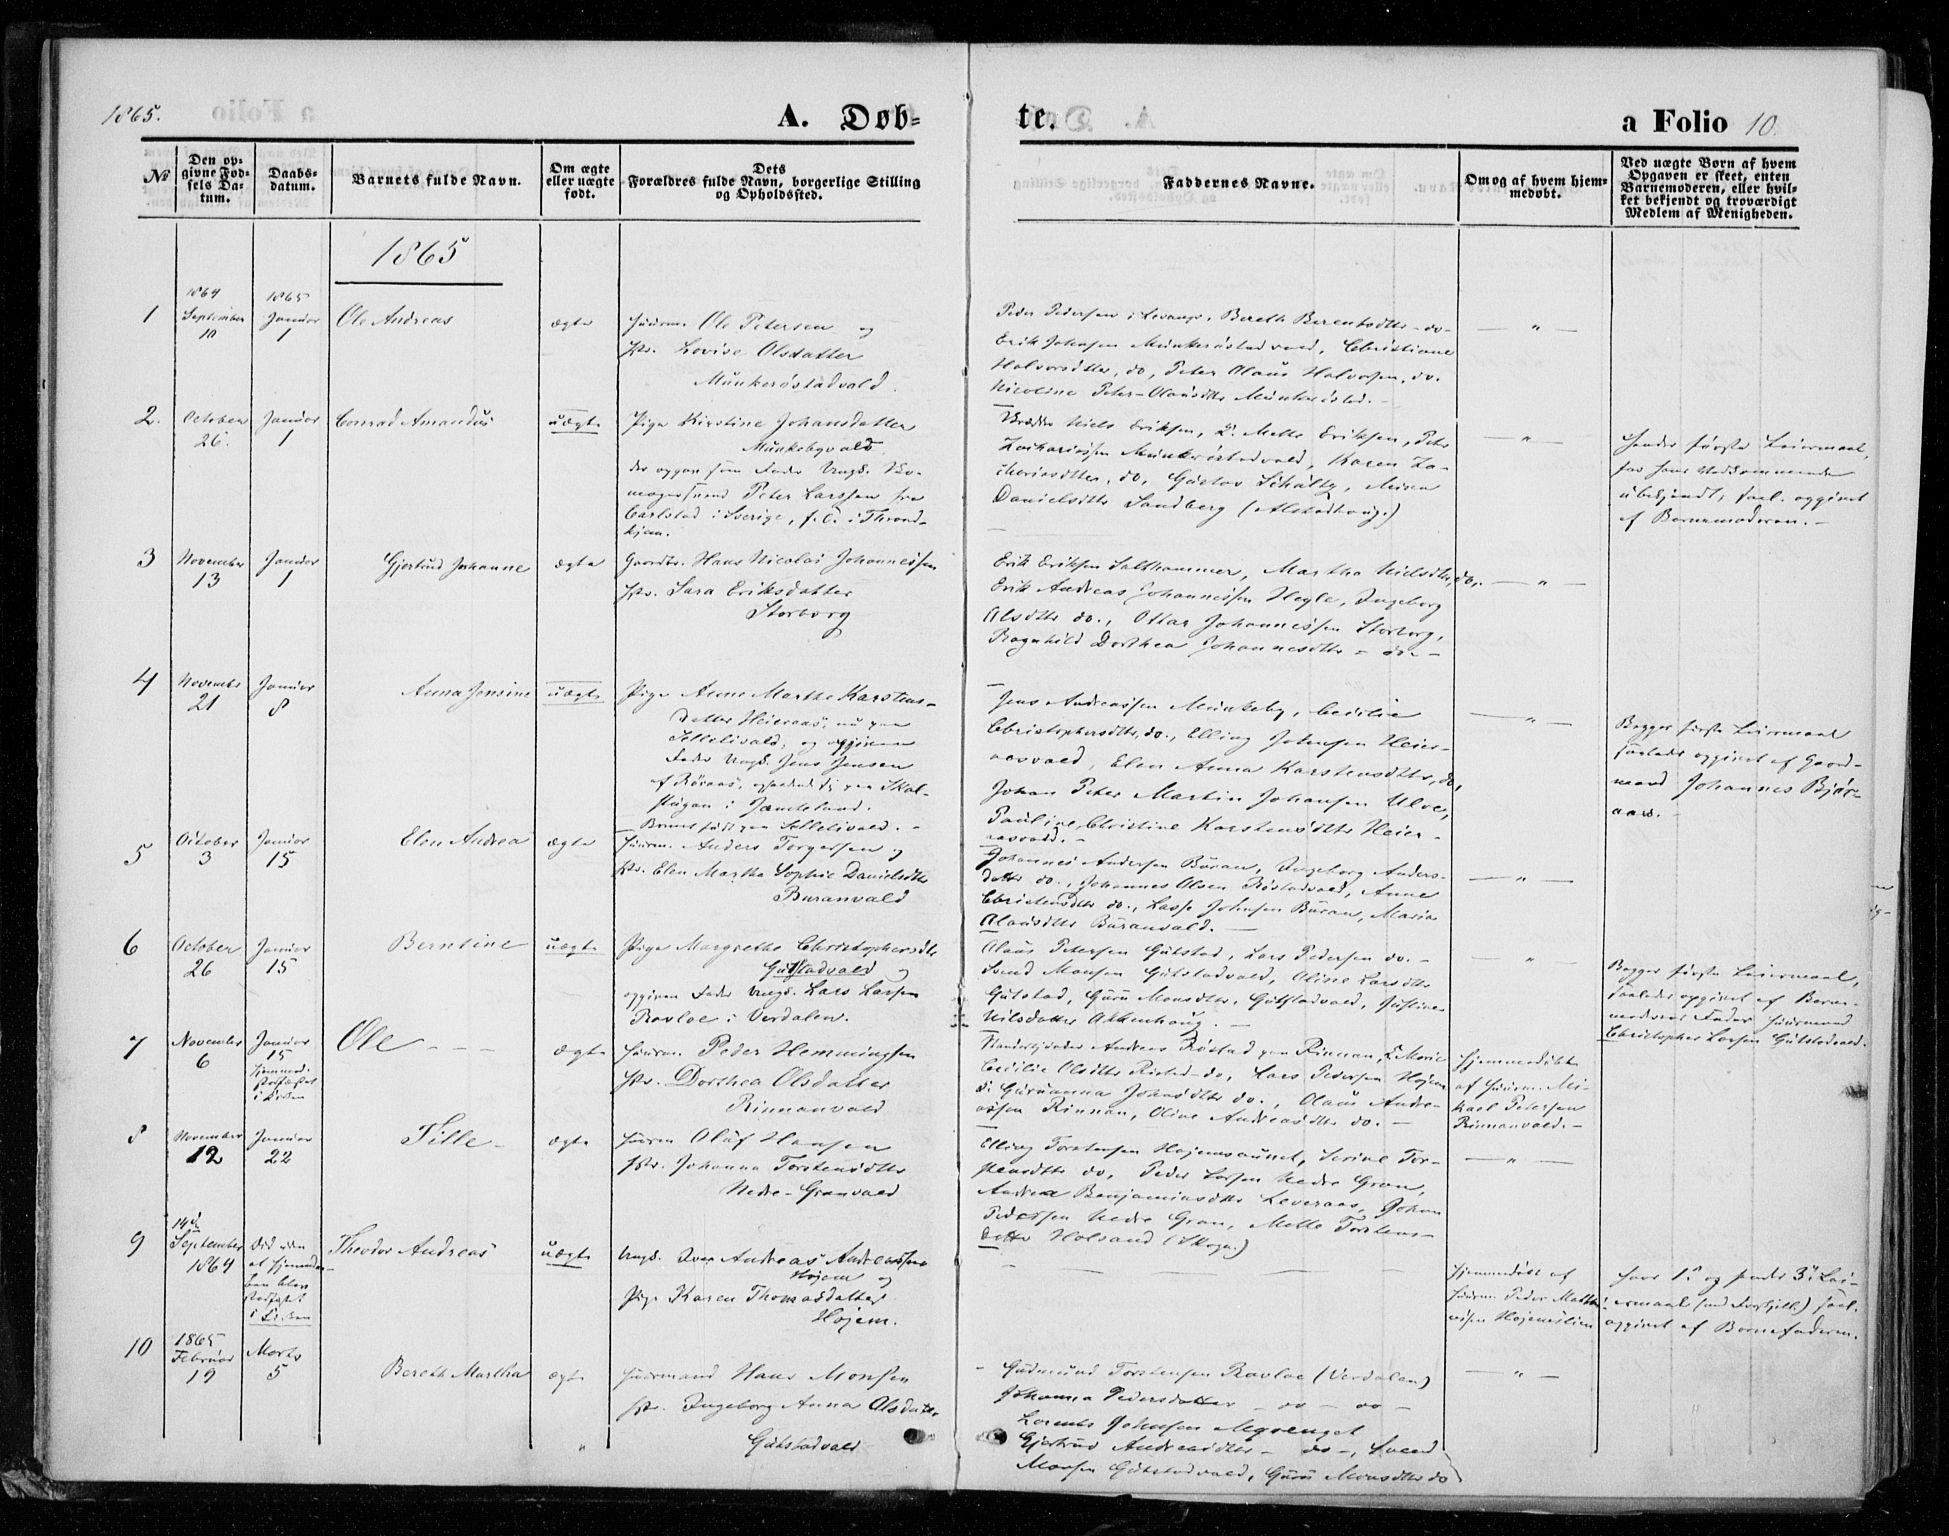 SAT, Ministerialprotokoller, klokkerbøker og fødselsregistre - Nord-Trøndelag, 721/L0206: Ministerialbok nr. 721A01, 1864-1874, s. 10